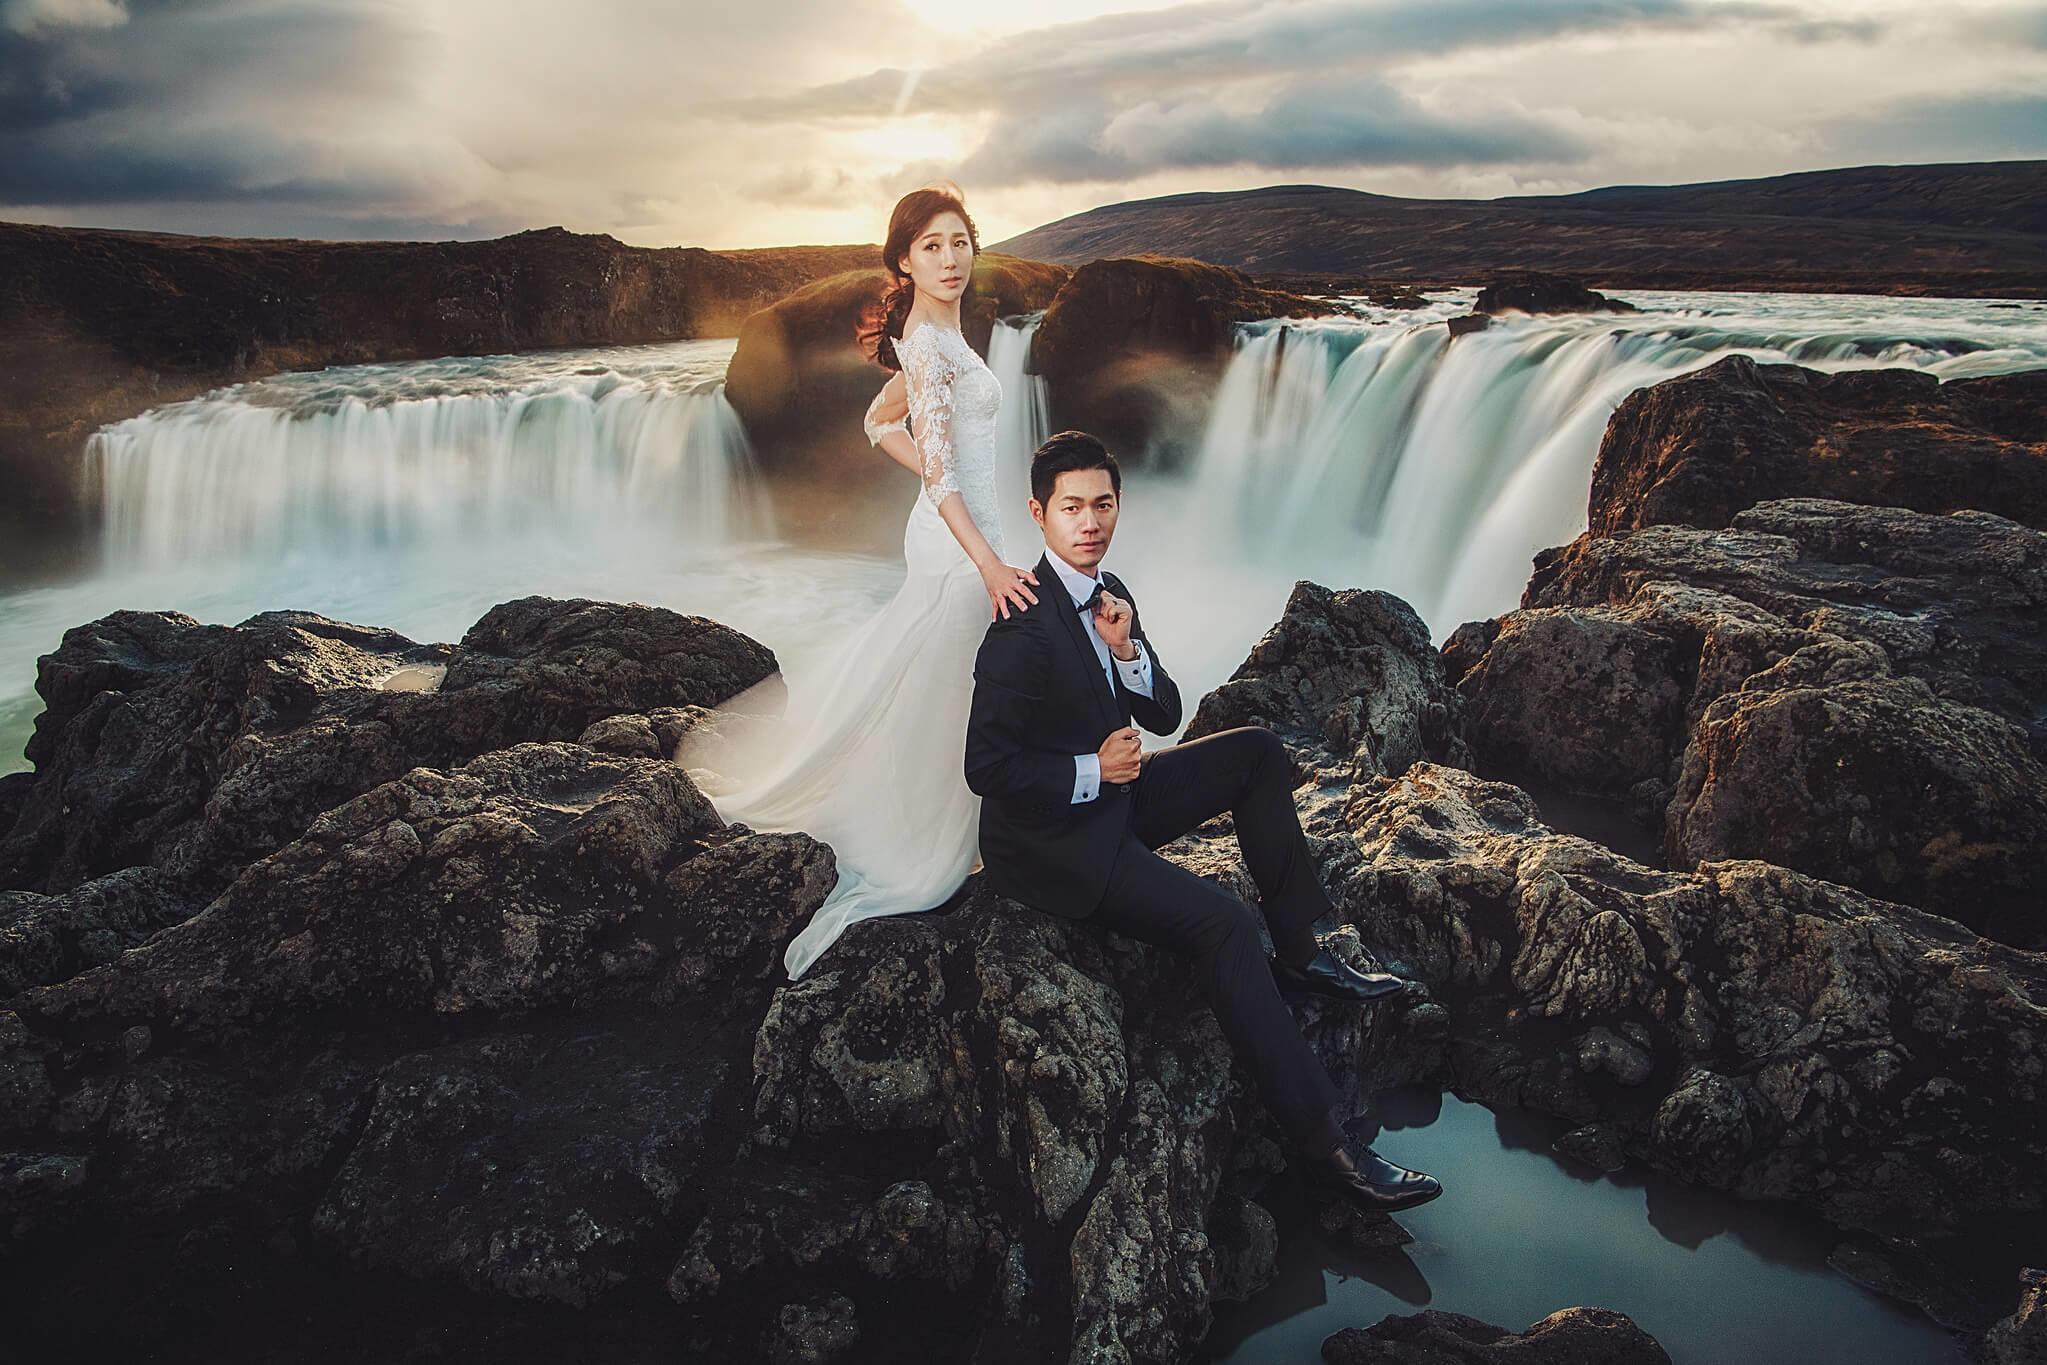 冰島婚紗, 冰島攻略, Iceland Pre-Wedding, 冰島婚紗第一品牌